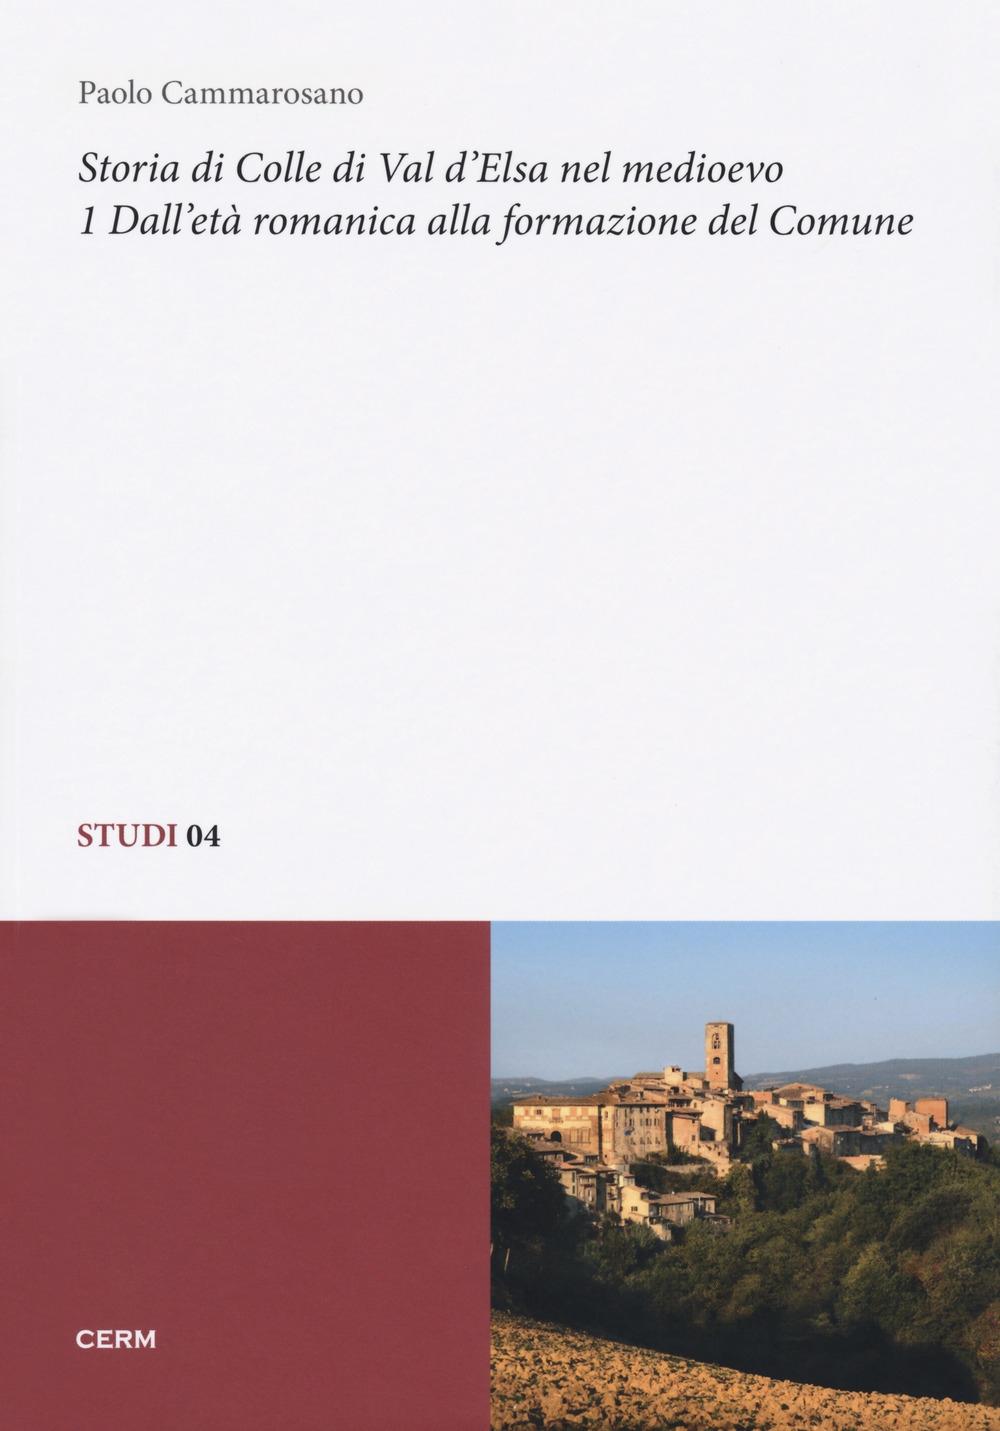 Storia di Colle di Val d'Elsa nel Medioevo. Vol. 1: Dall'età romanica alla formazione del comune.